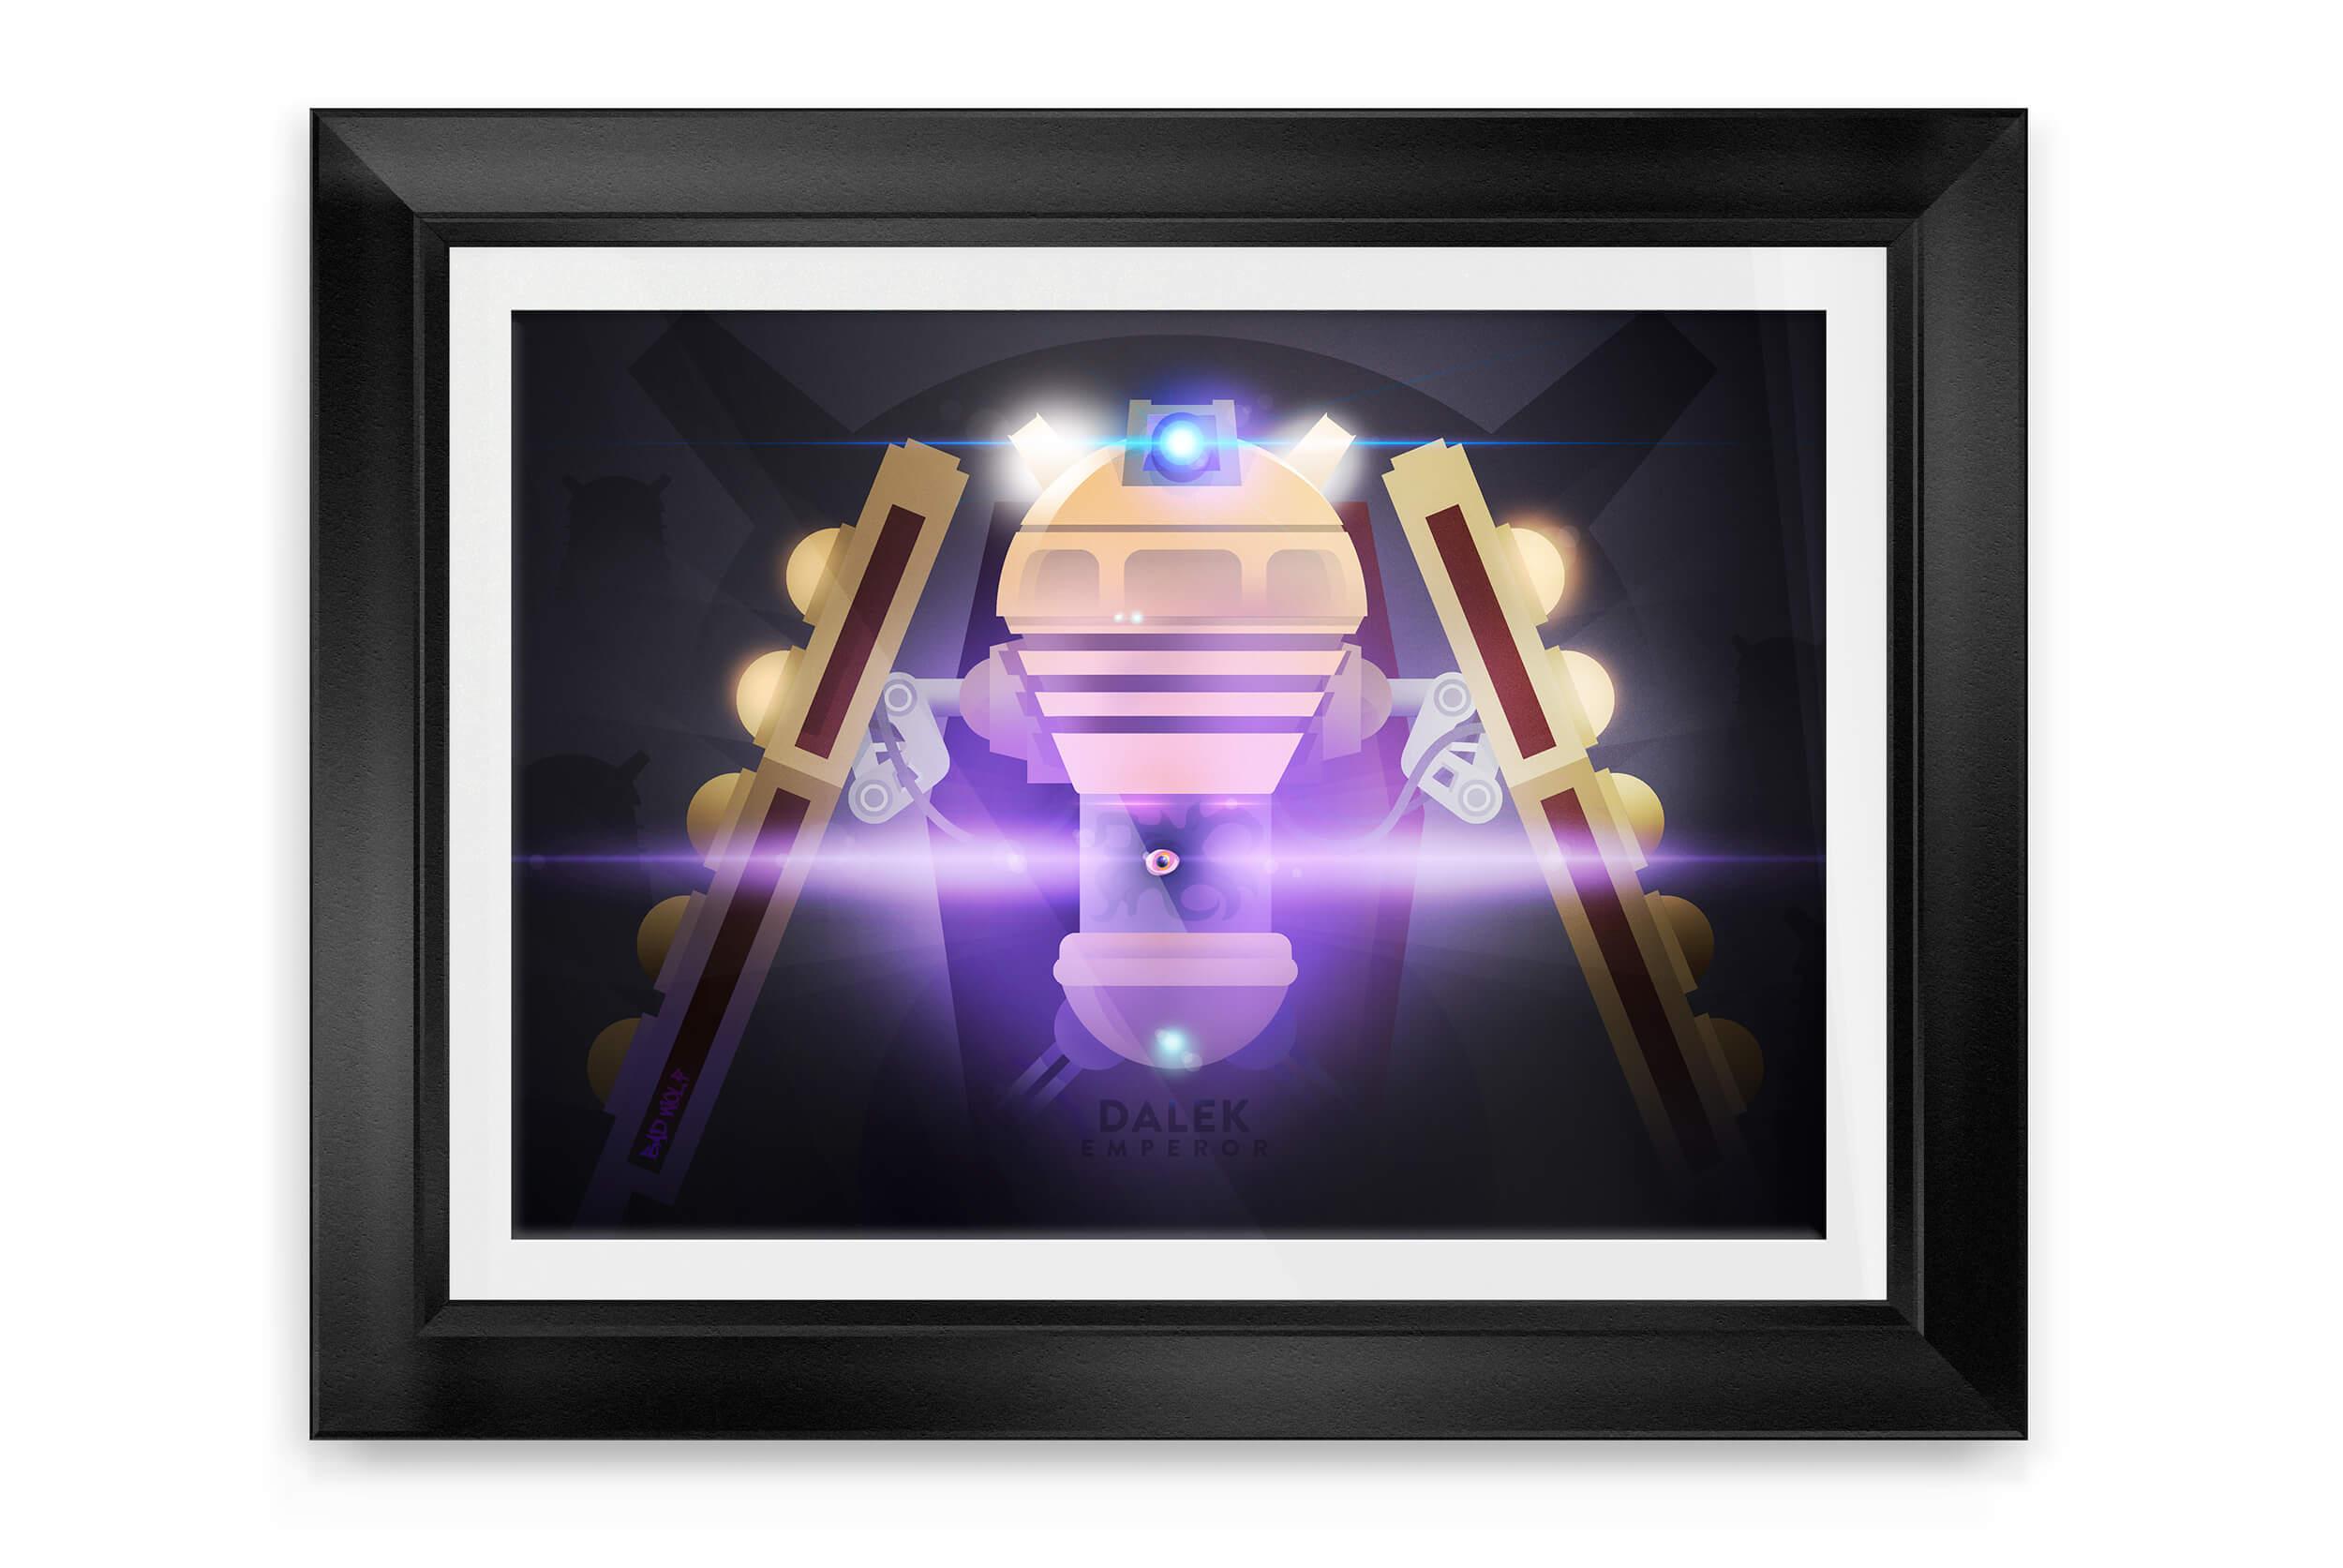 emperor dalek framed